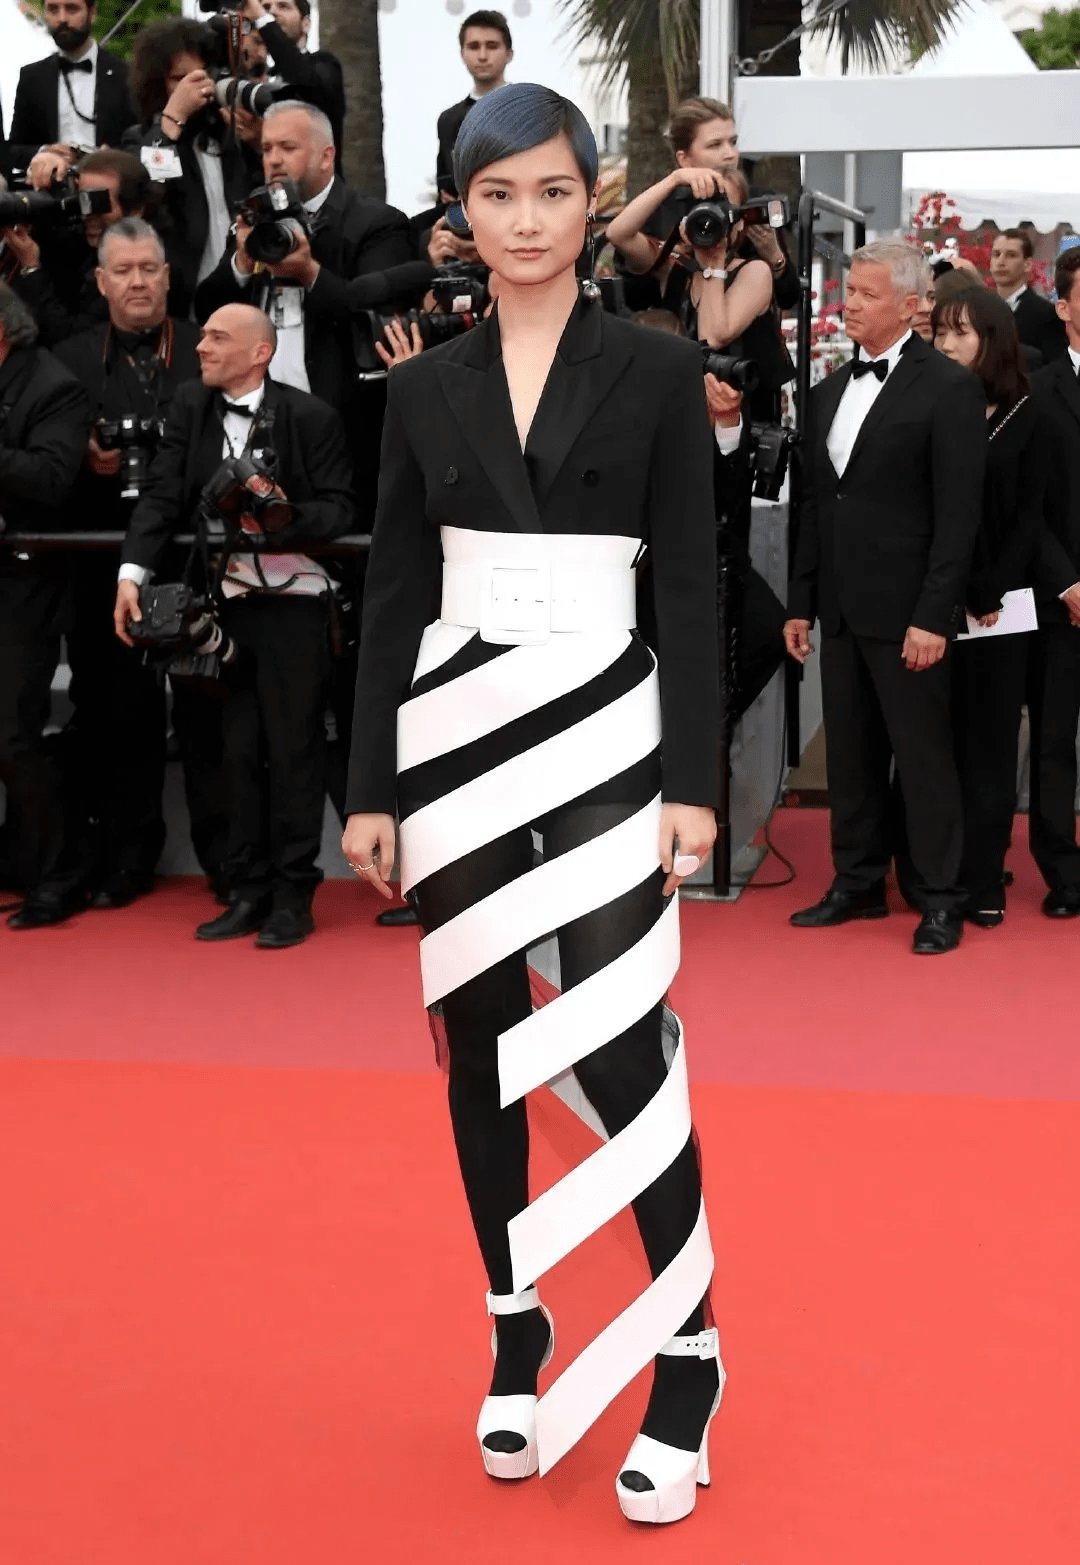 图片[25]-国内女星走欧洲三大红毯,铆足劲好精彩,有人土到国外,有人争光-妖次元